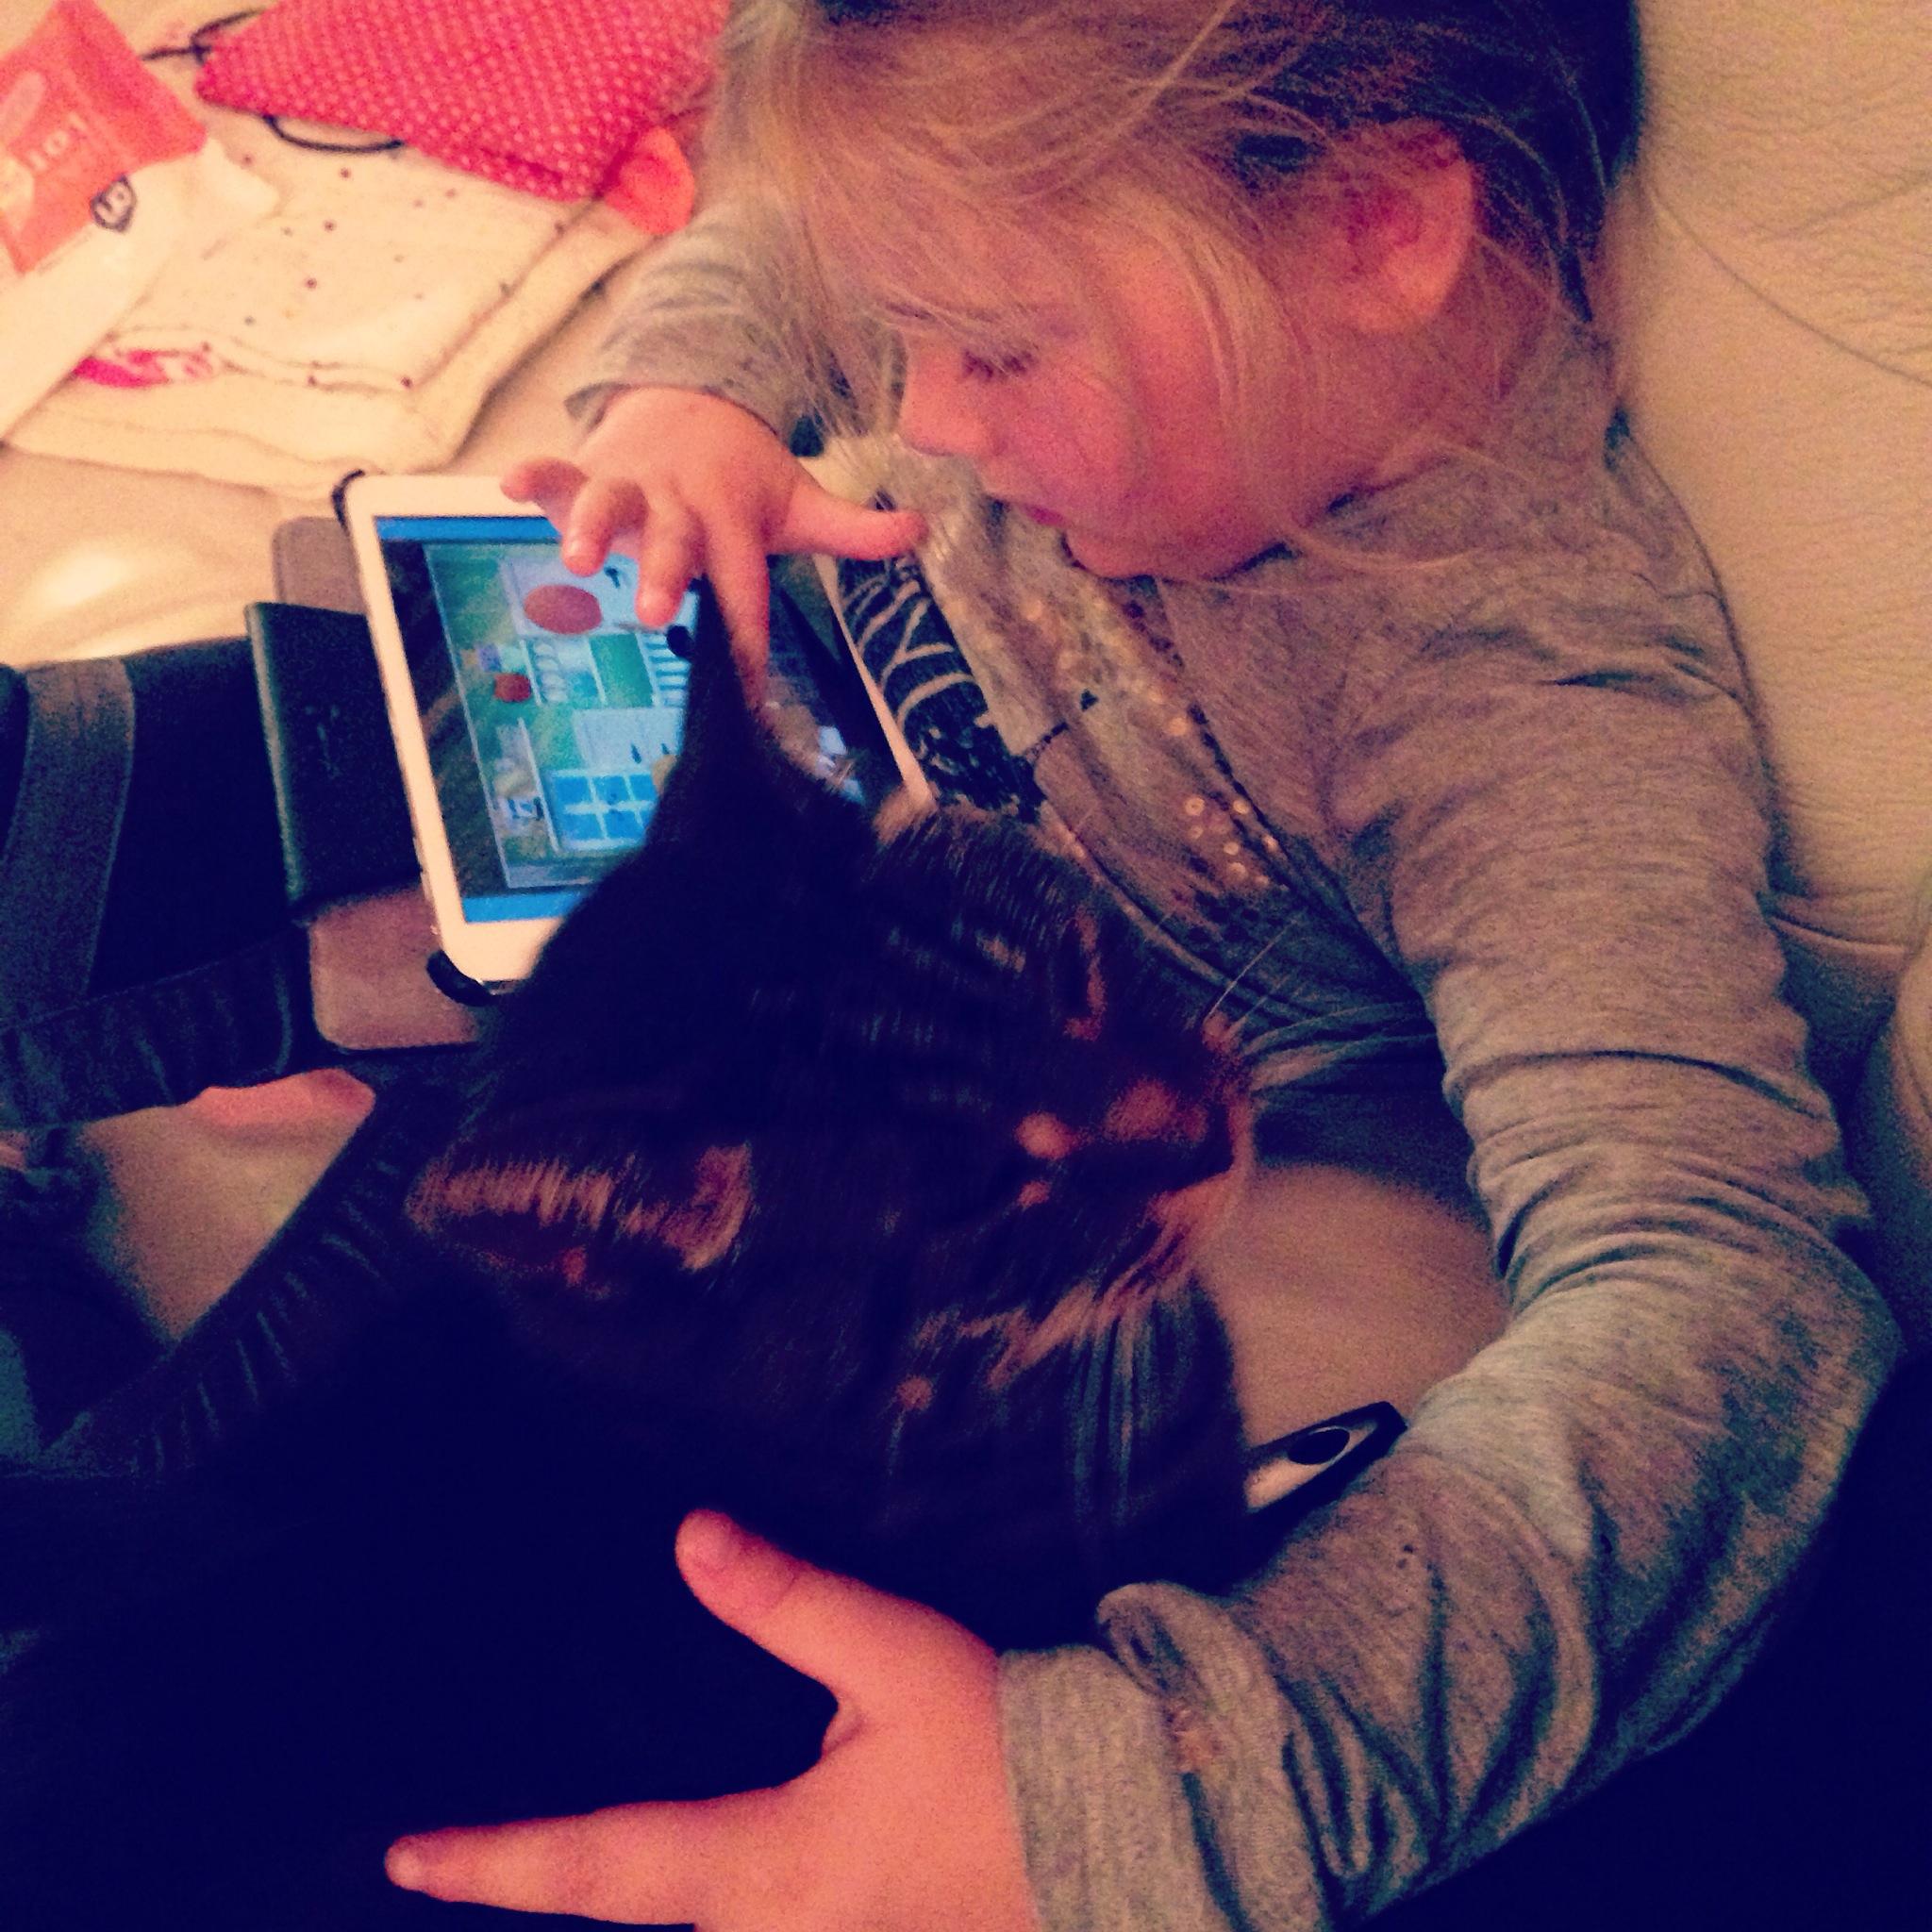 Yeah, op de iPad met ook Eva's lieve vriendje. Die kat is sinds we hier zijn geweest net een minuut het balkon op geweest, verder durft hij nog niet naar buiten. Wat een angsthaas, maar ik vind hem wel gezellig zo!